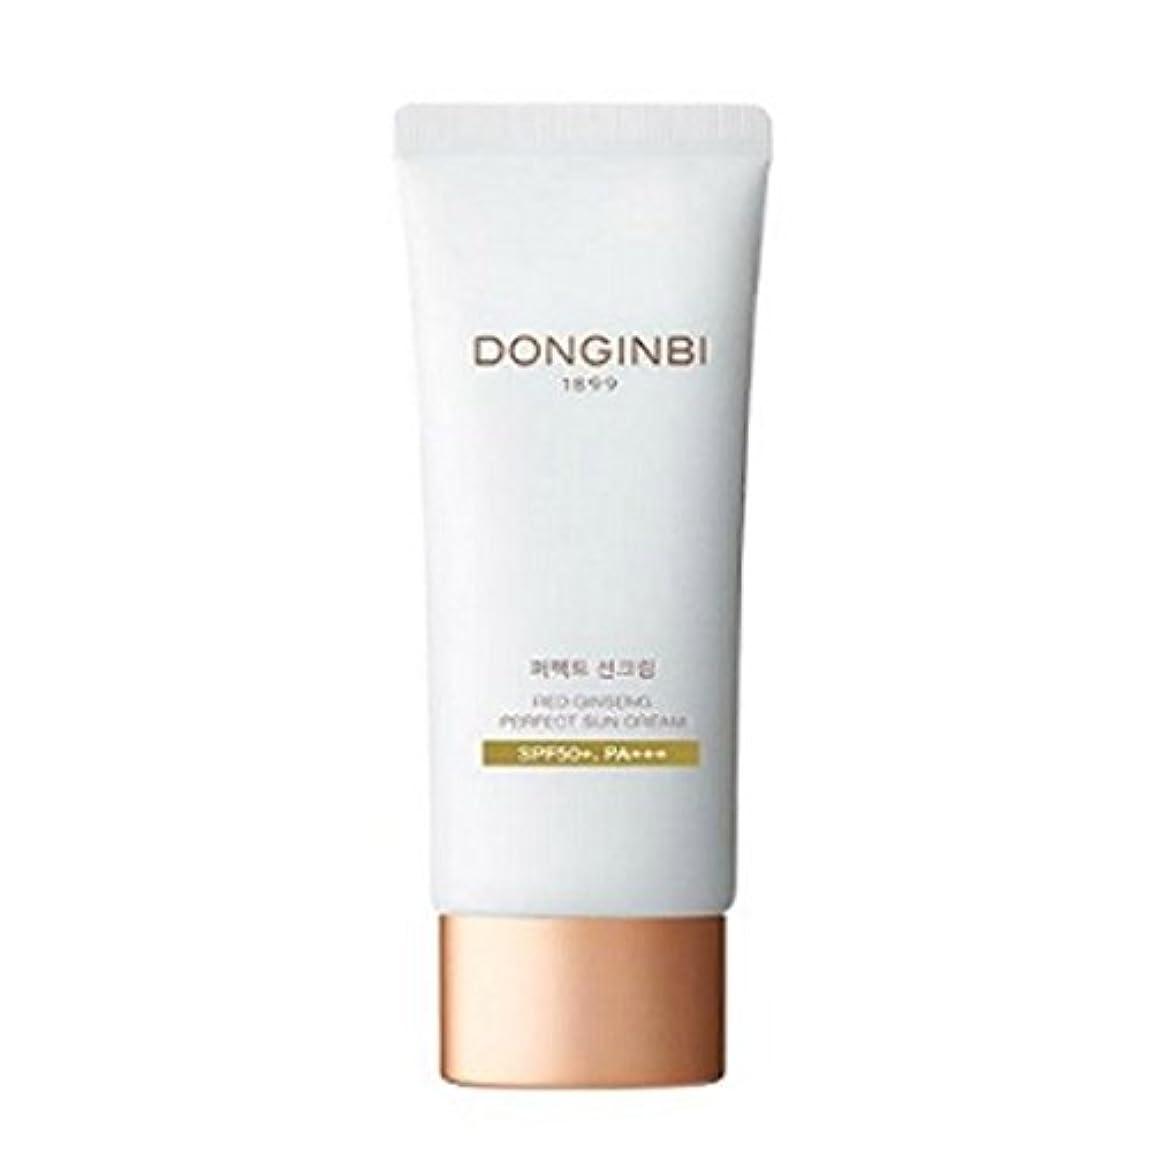 抵当お酒仮定[ドンインビ]DONGINBI ドンインビパーフェクトサンクリーム50ml 海外直送品 perfect suncream SPF50+ PA+++ 50ml [並行輸入品]